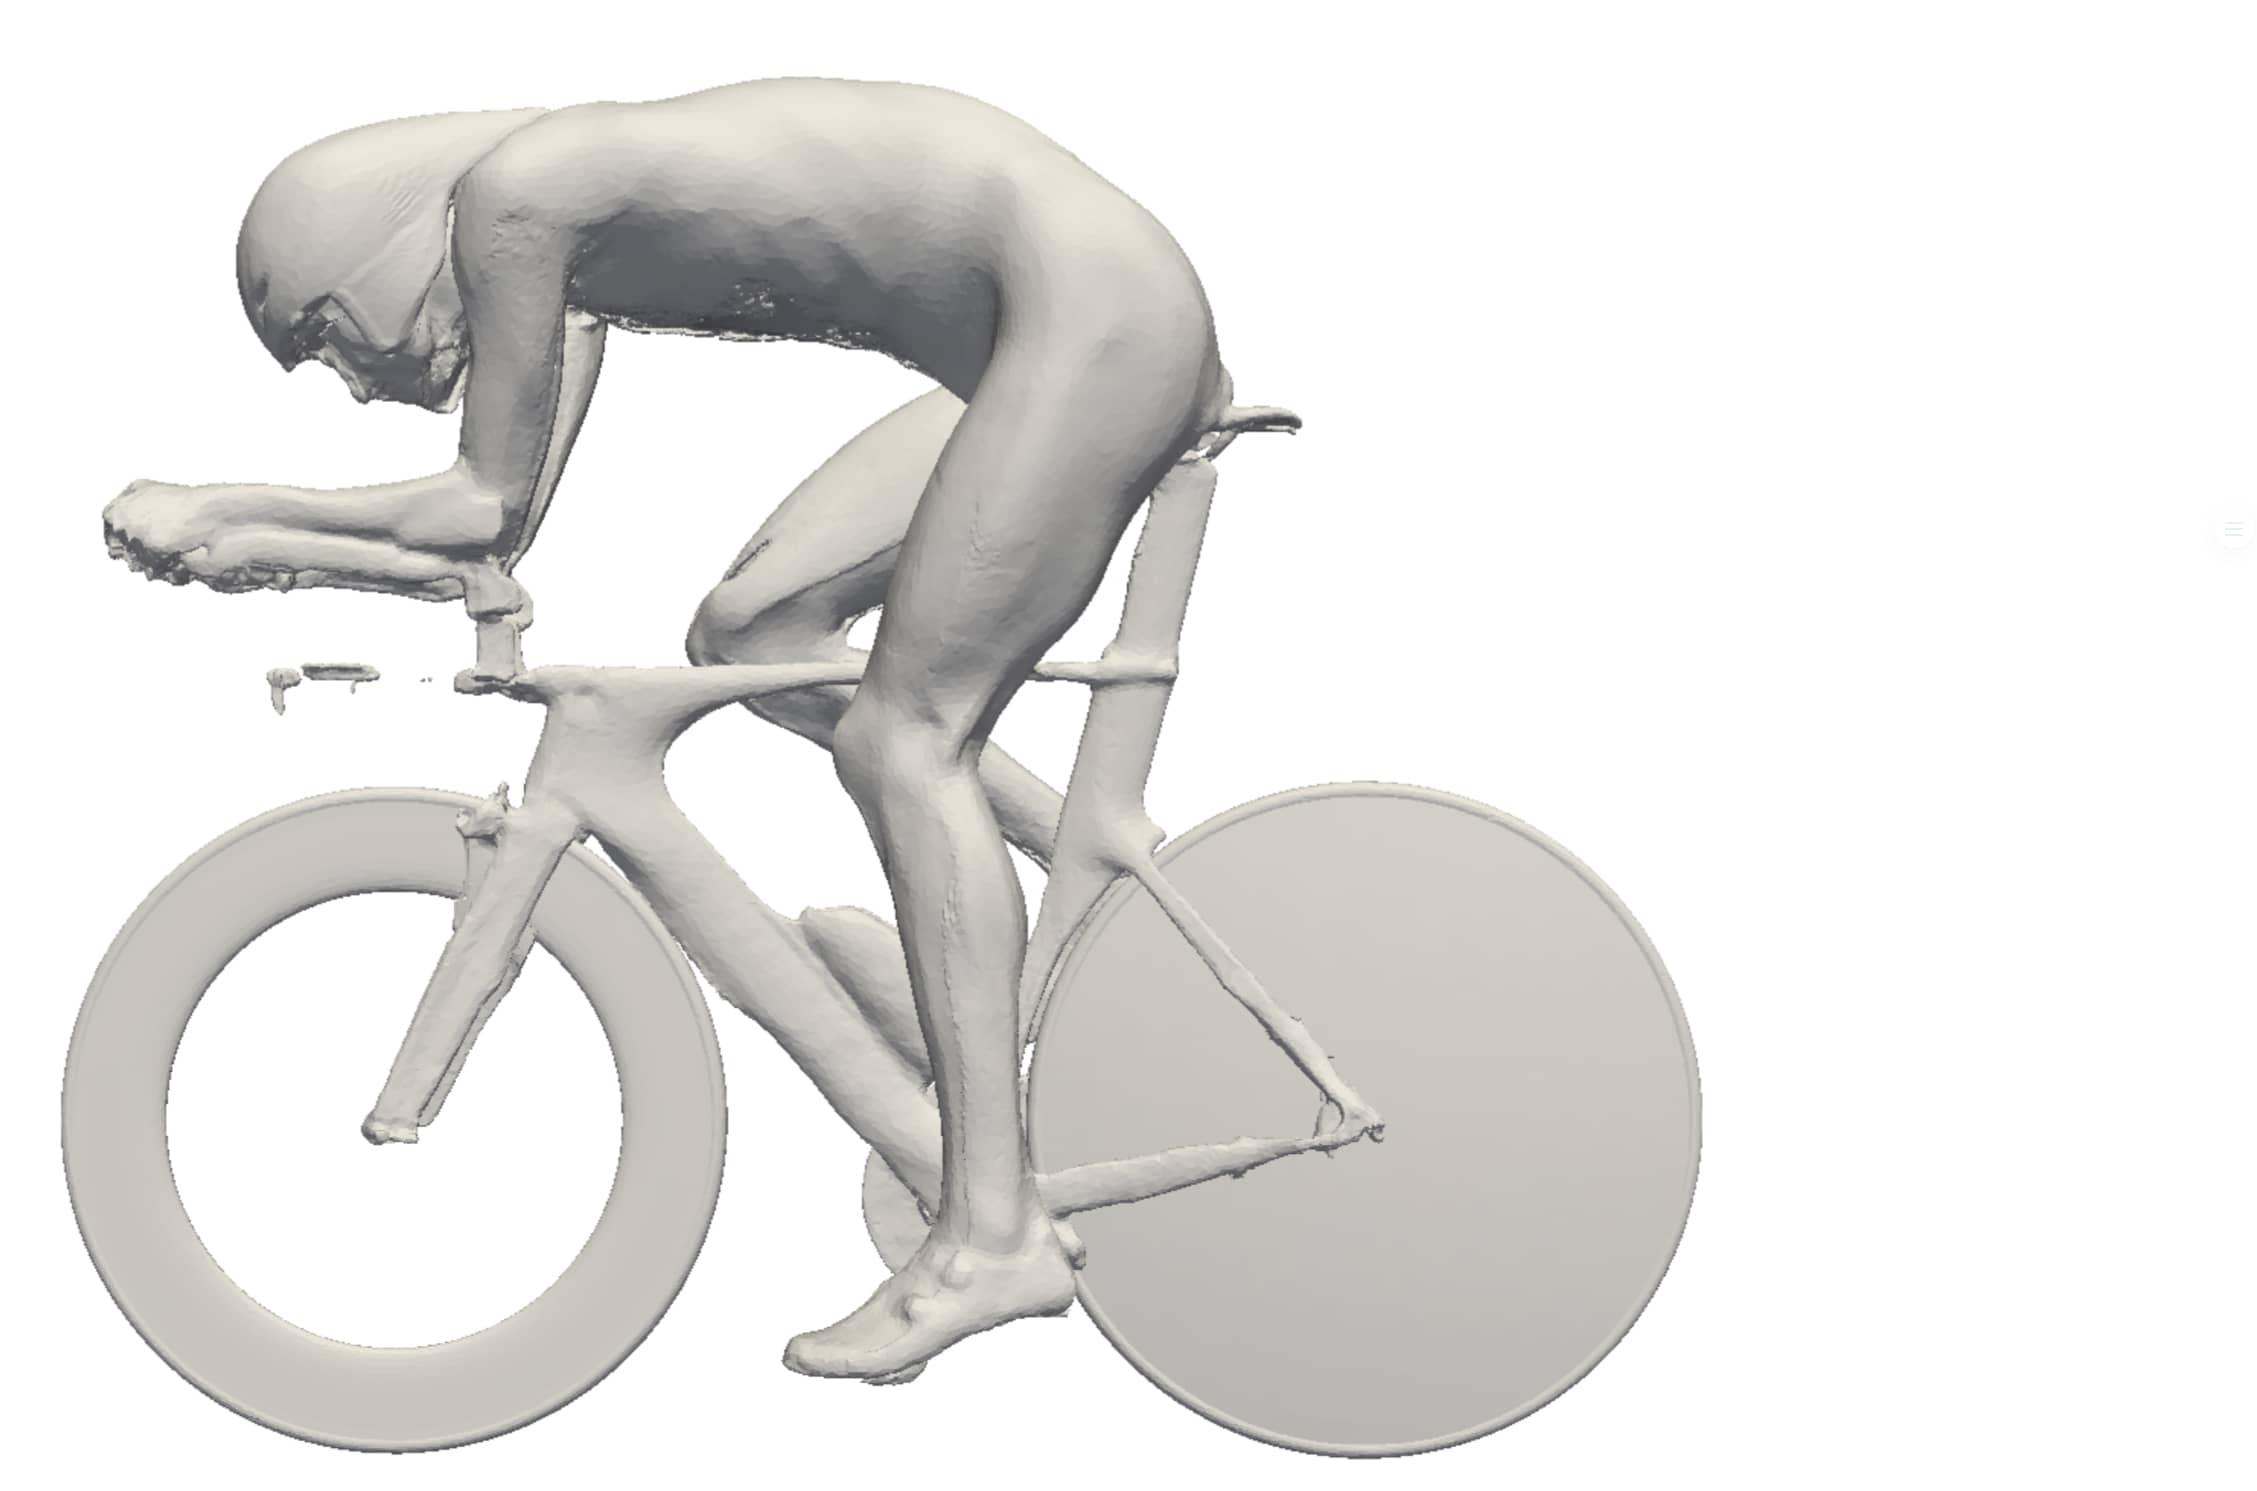 3D modell av syklist i tempostilling